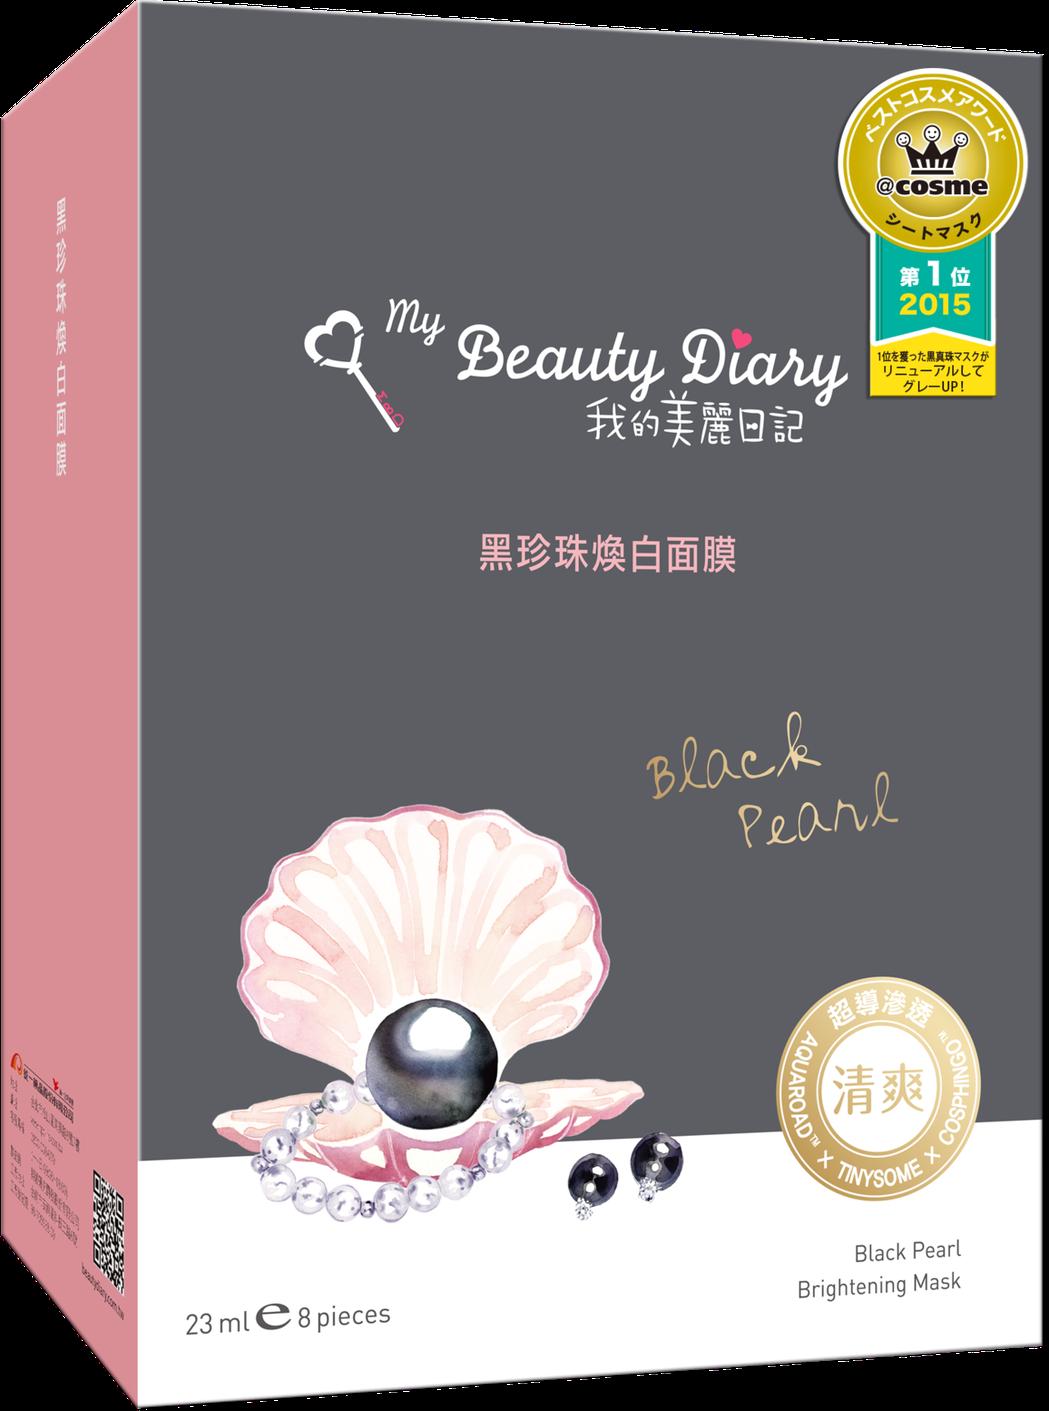 美麗日記黑珍珠煥白面膜8枚入,原價219元、3月28日前同系列兩件特價419元。...